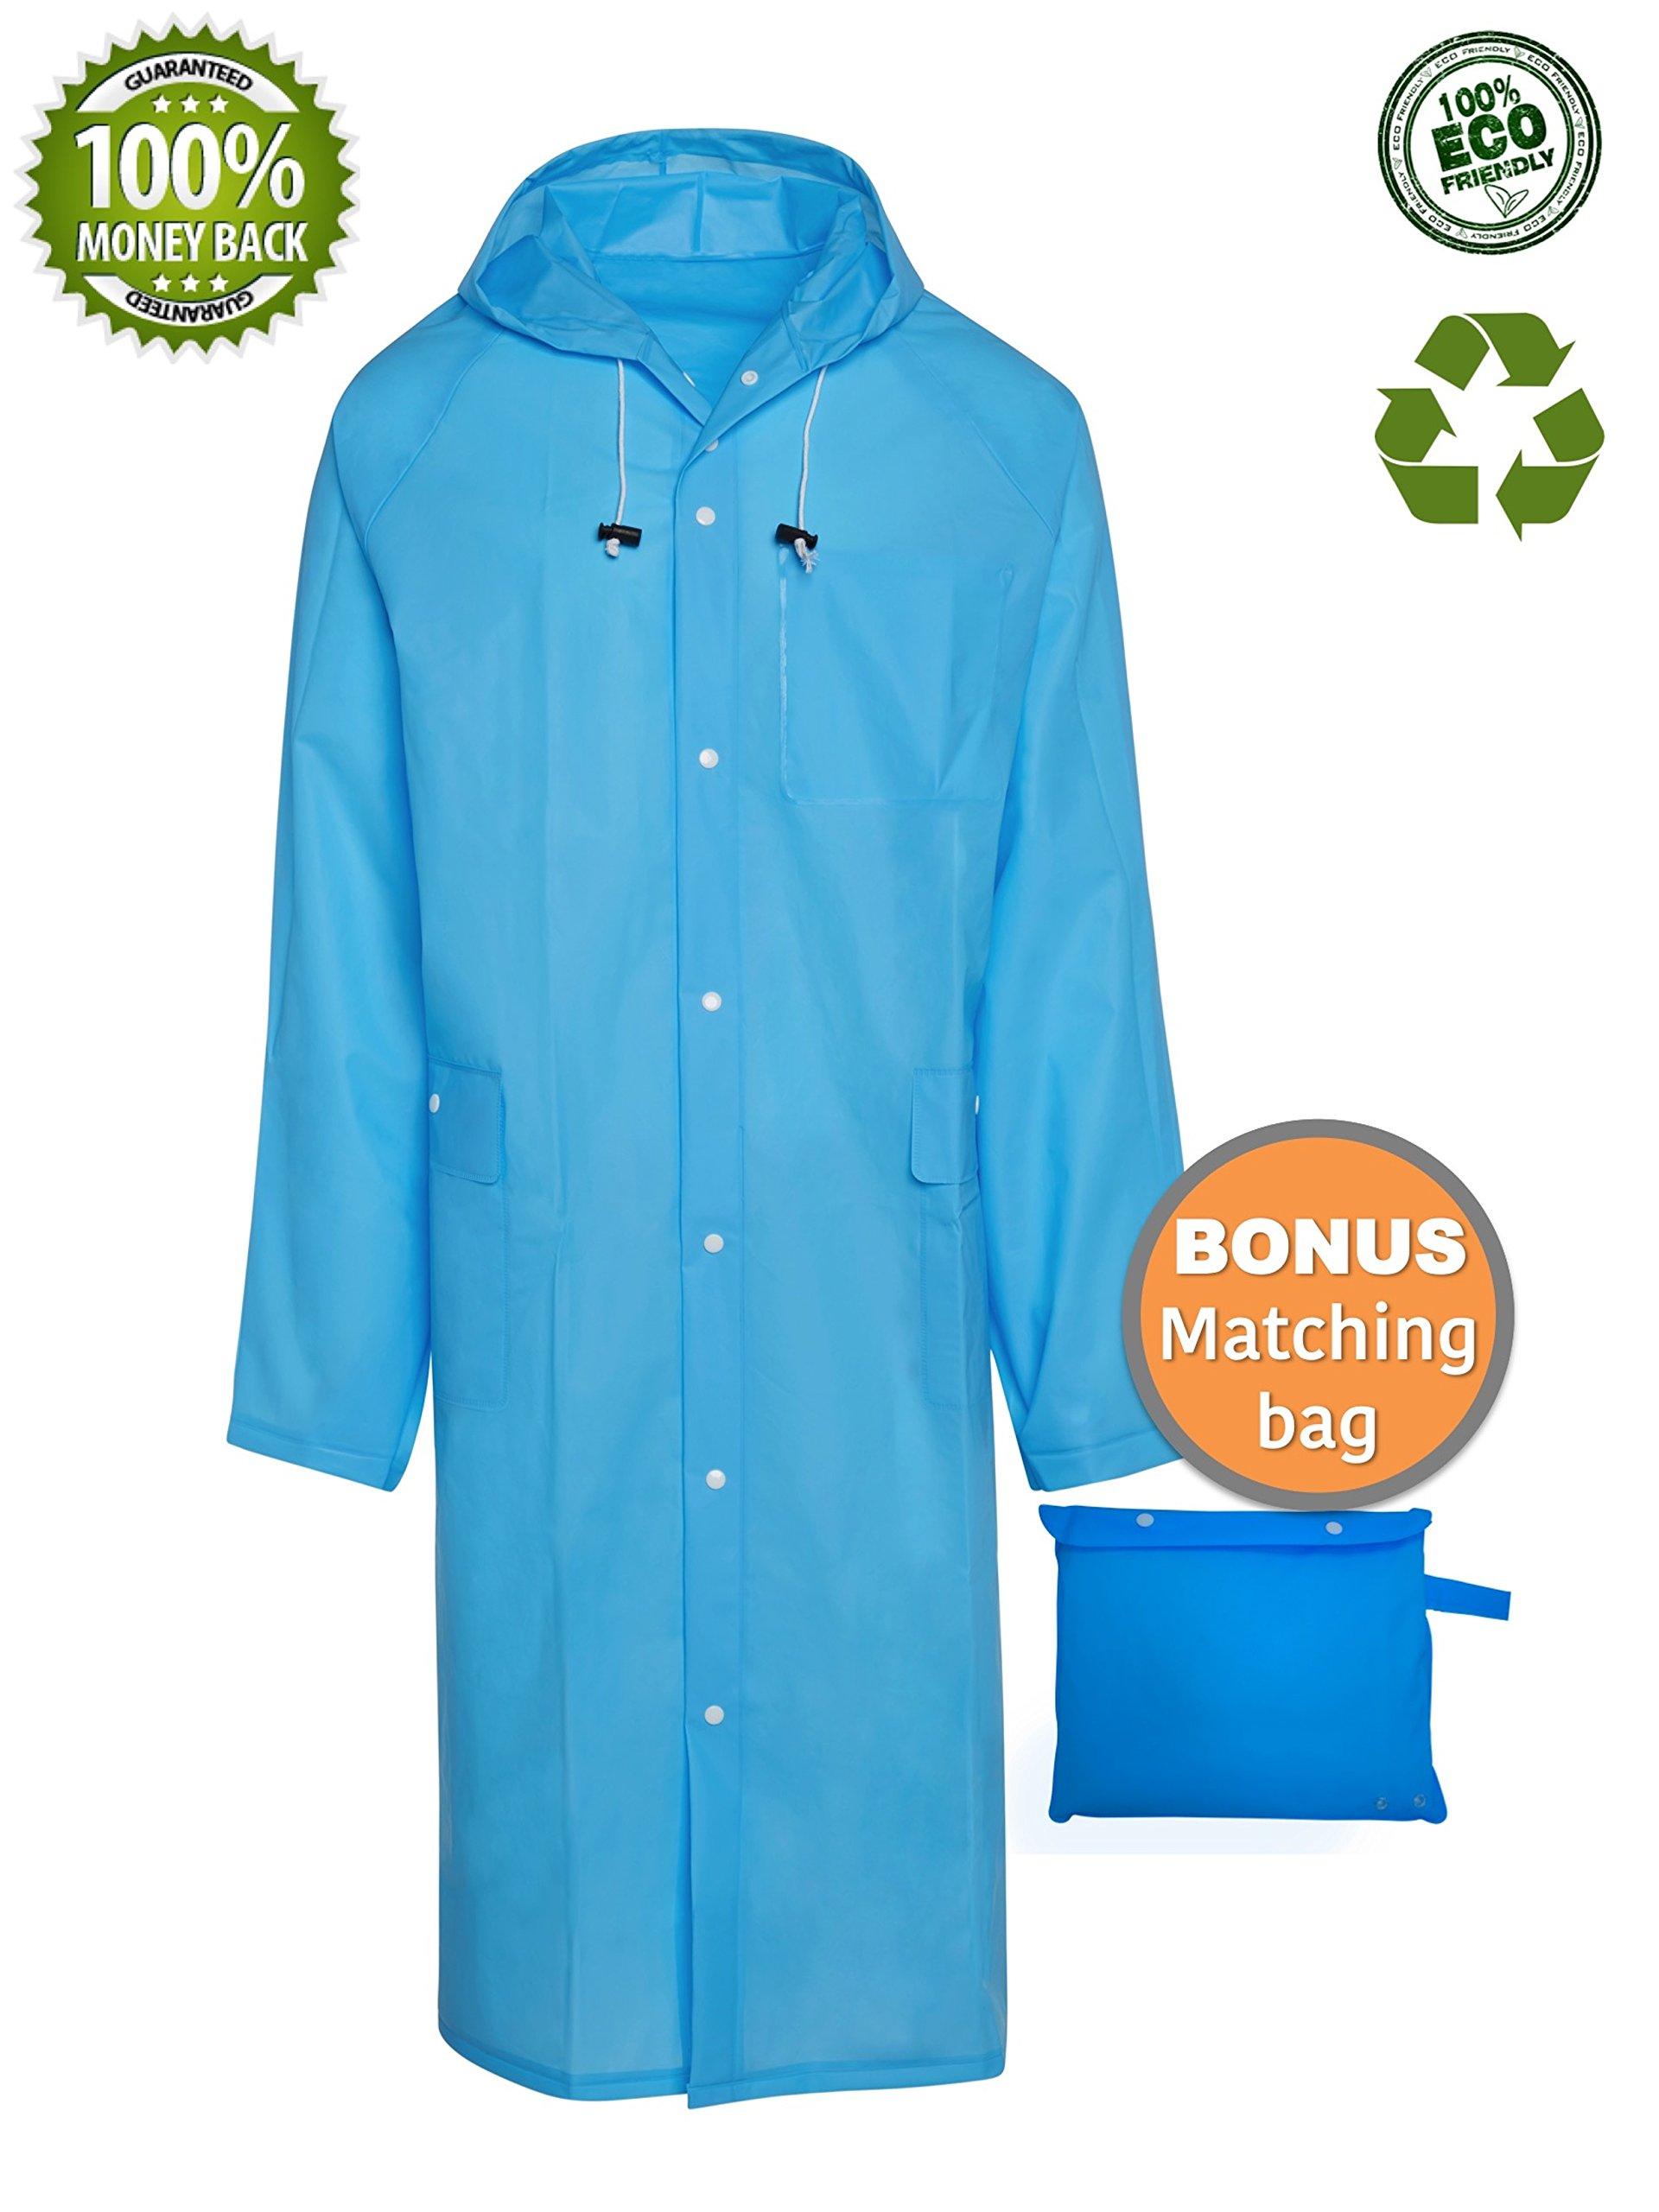 Blinq Portable Rain Poncho Rain Jacket Raincoat With